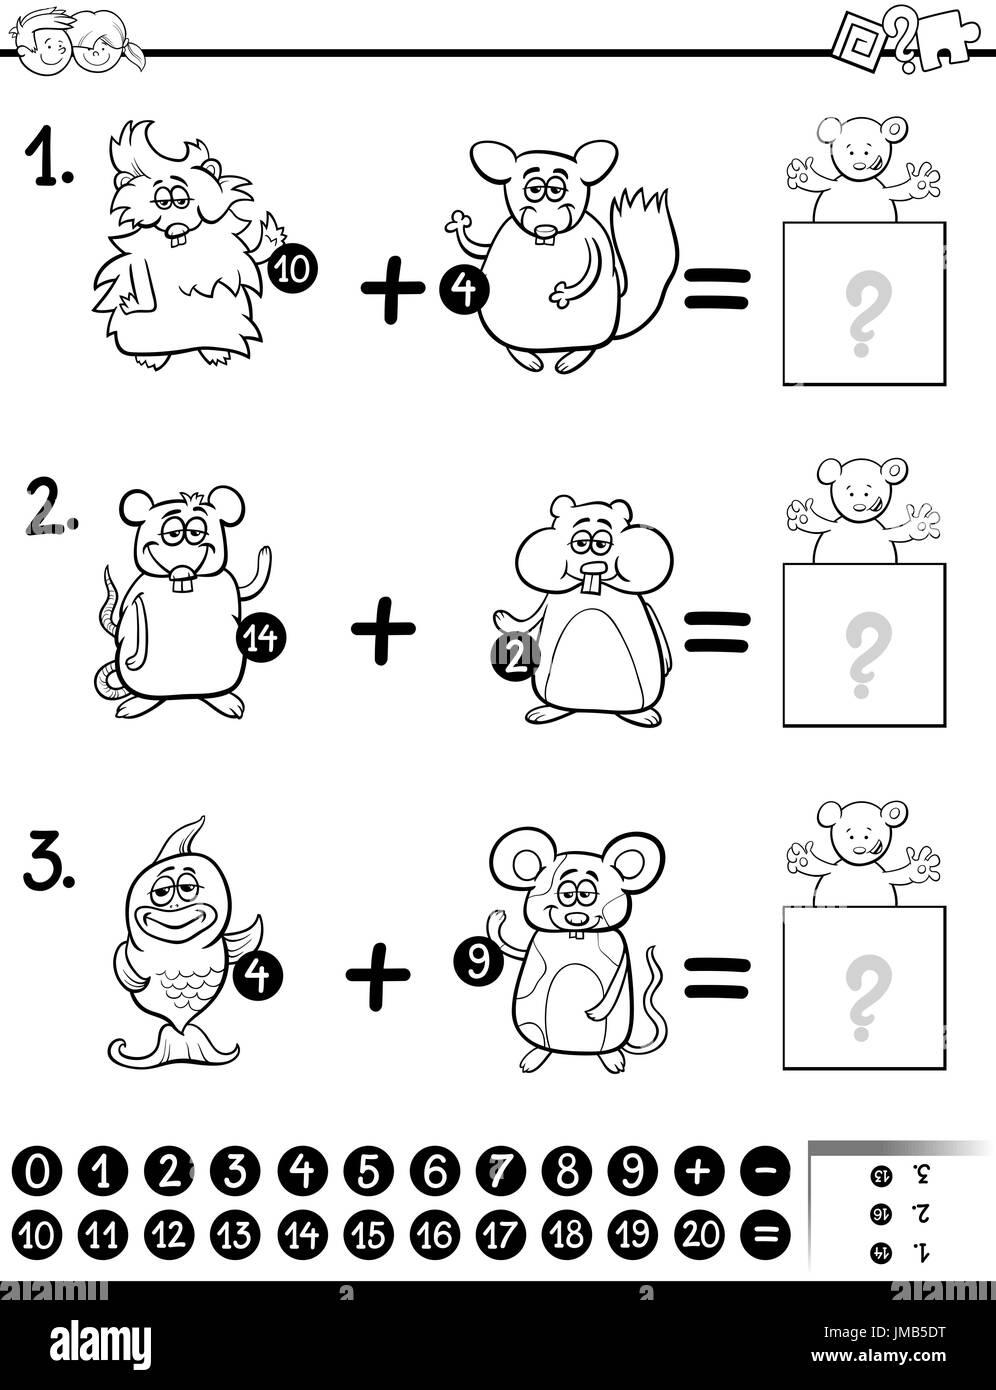 Schwarz / Weiß Cartoon Illustration der pädagogischen mathematische ...